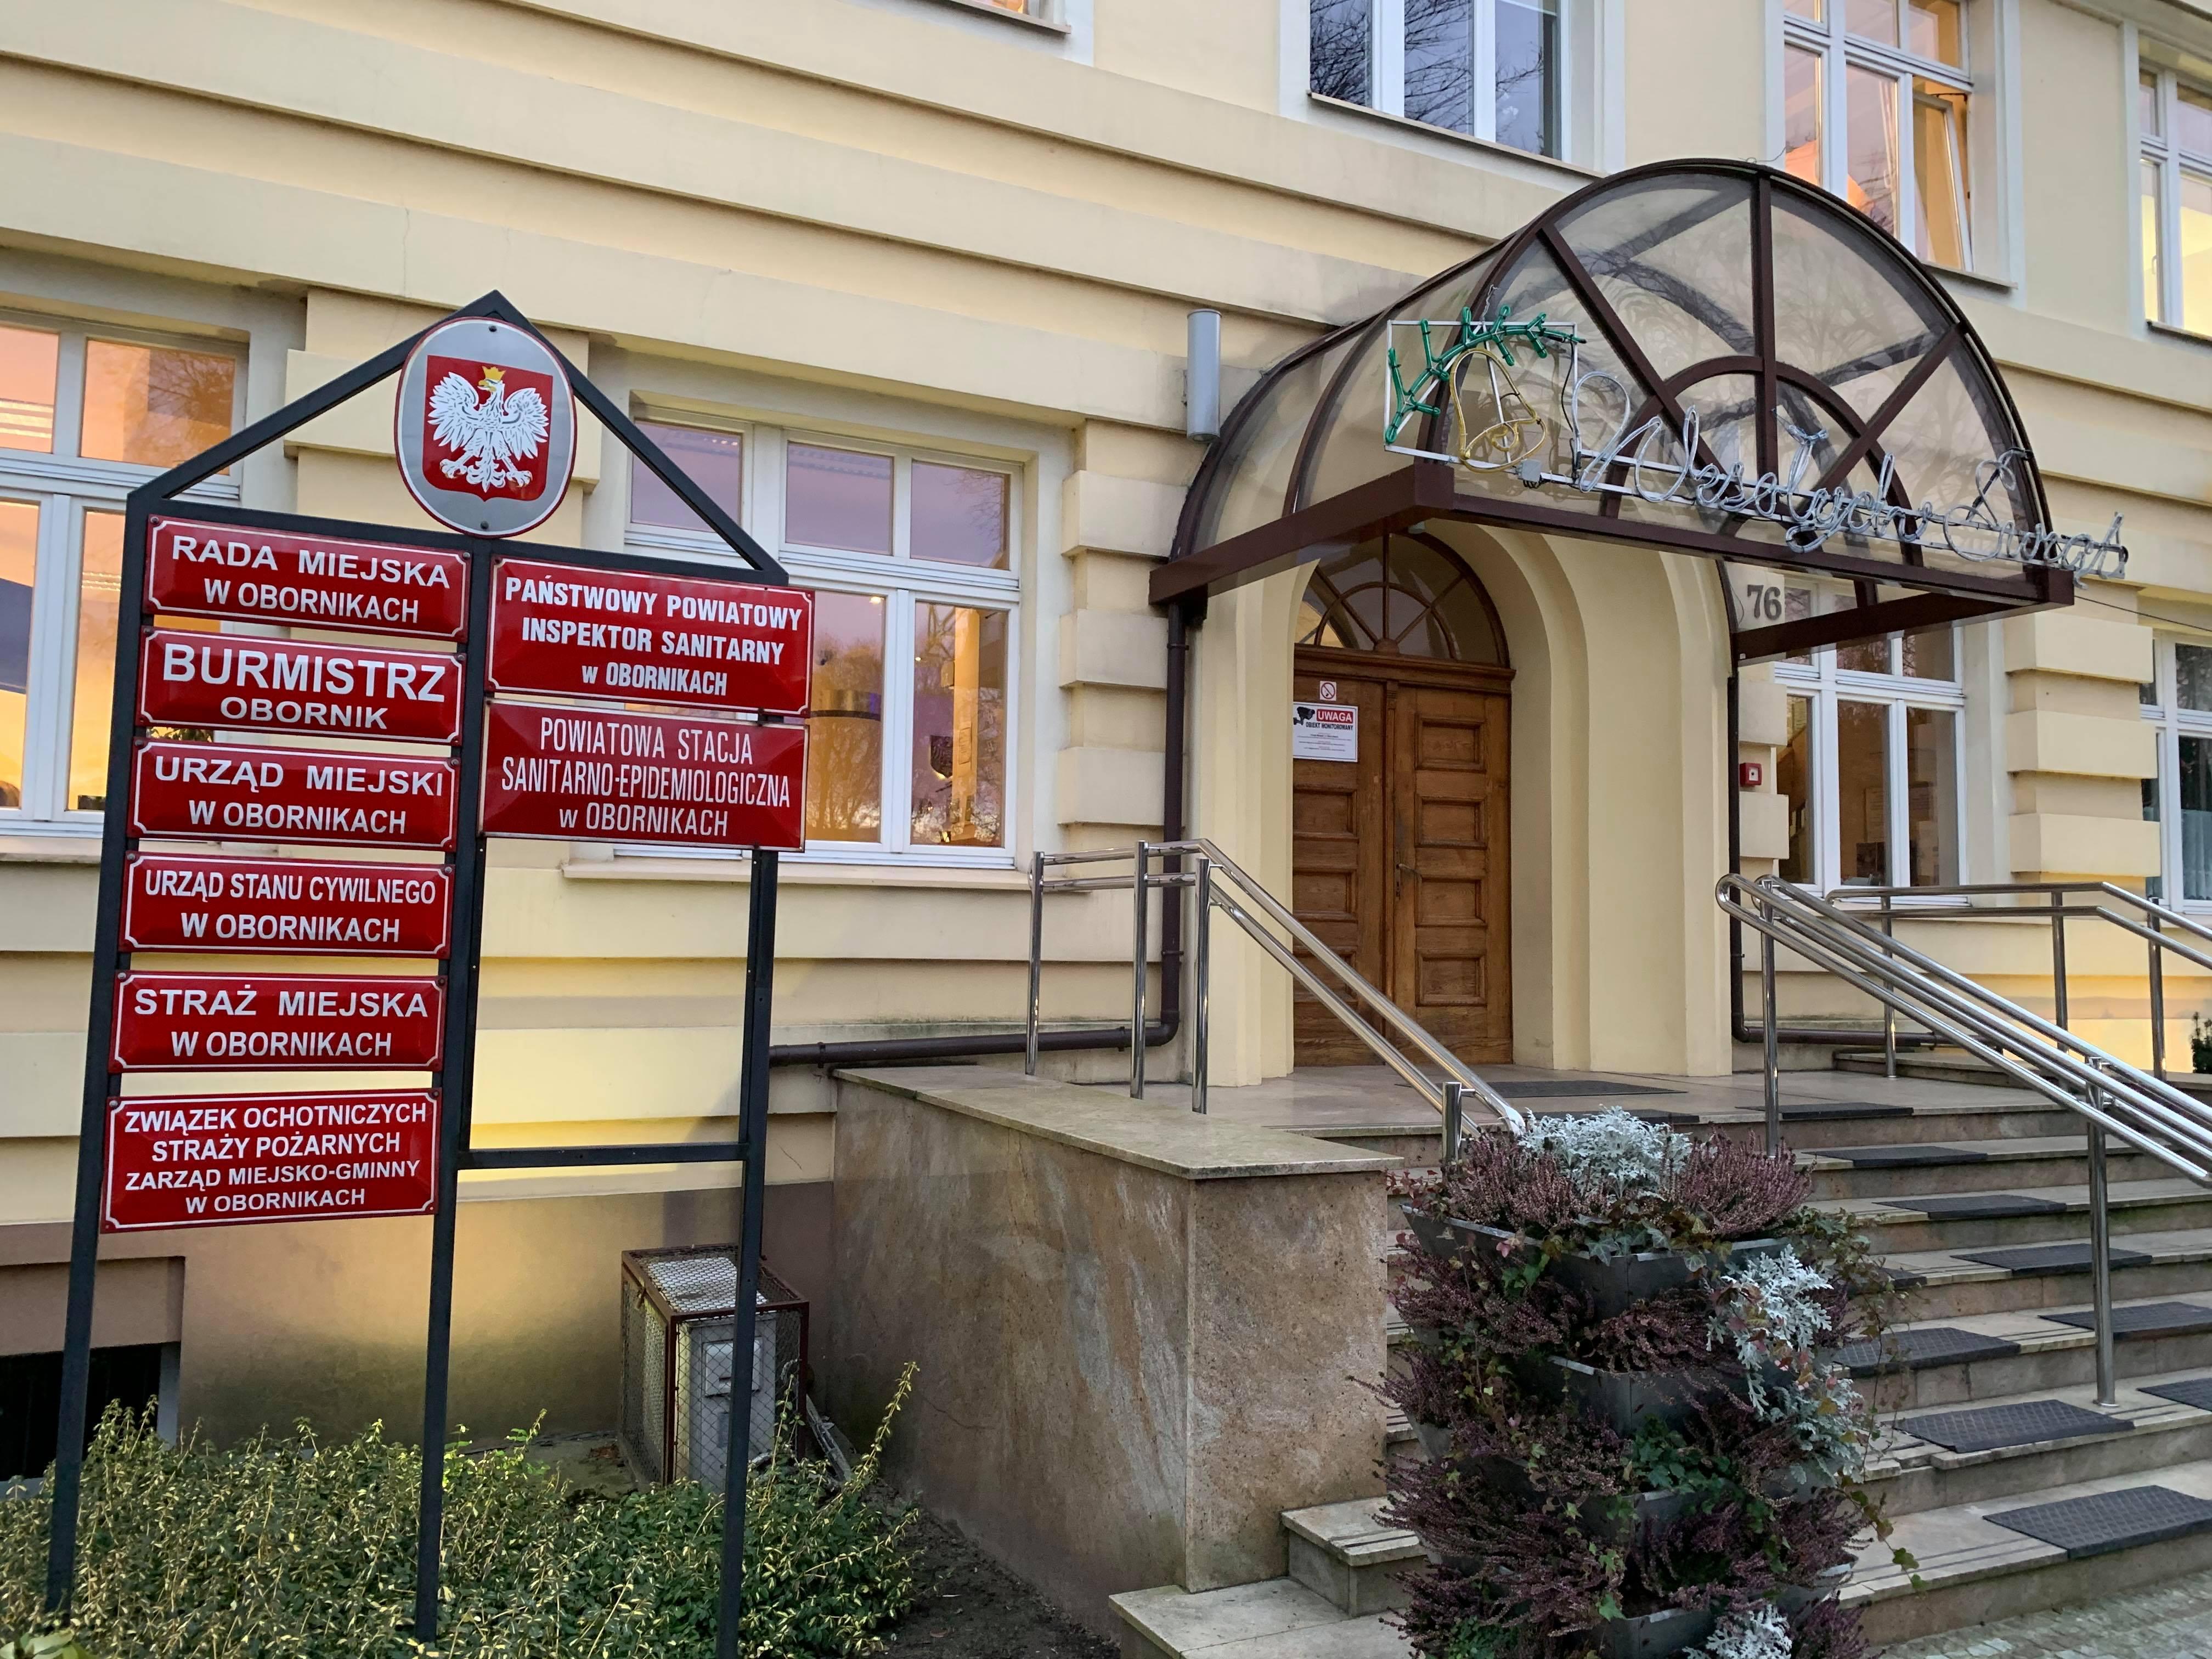 Urząd miasta w Obornikach Oborniki UM - Kacper Witt